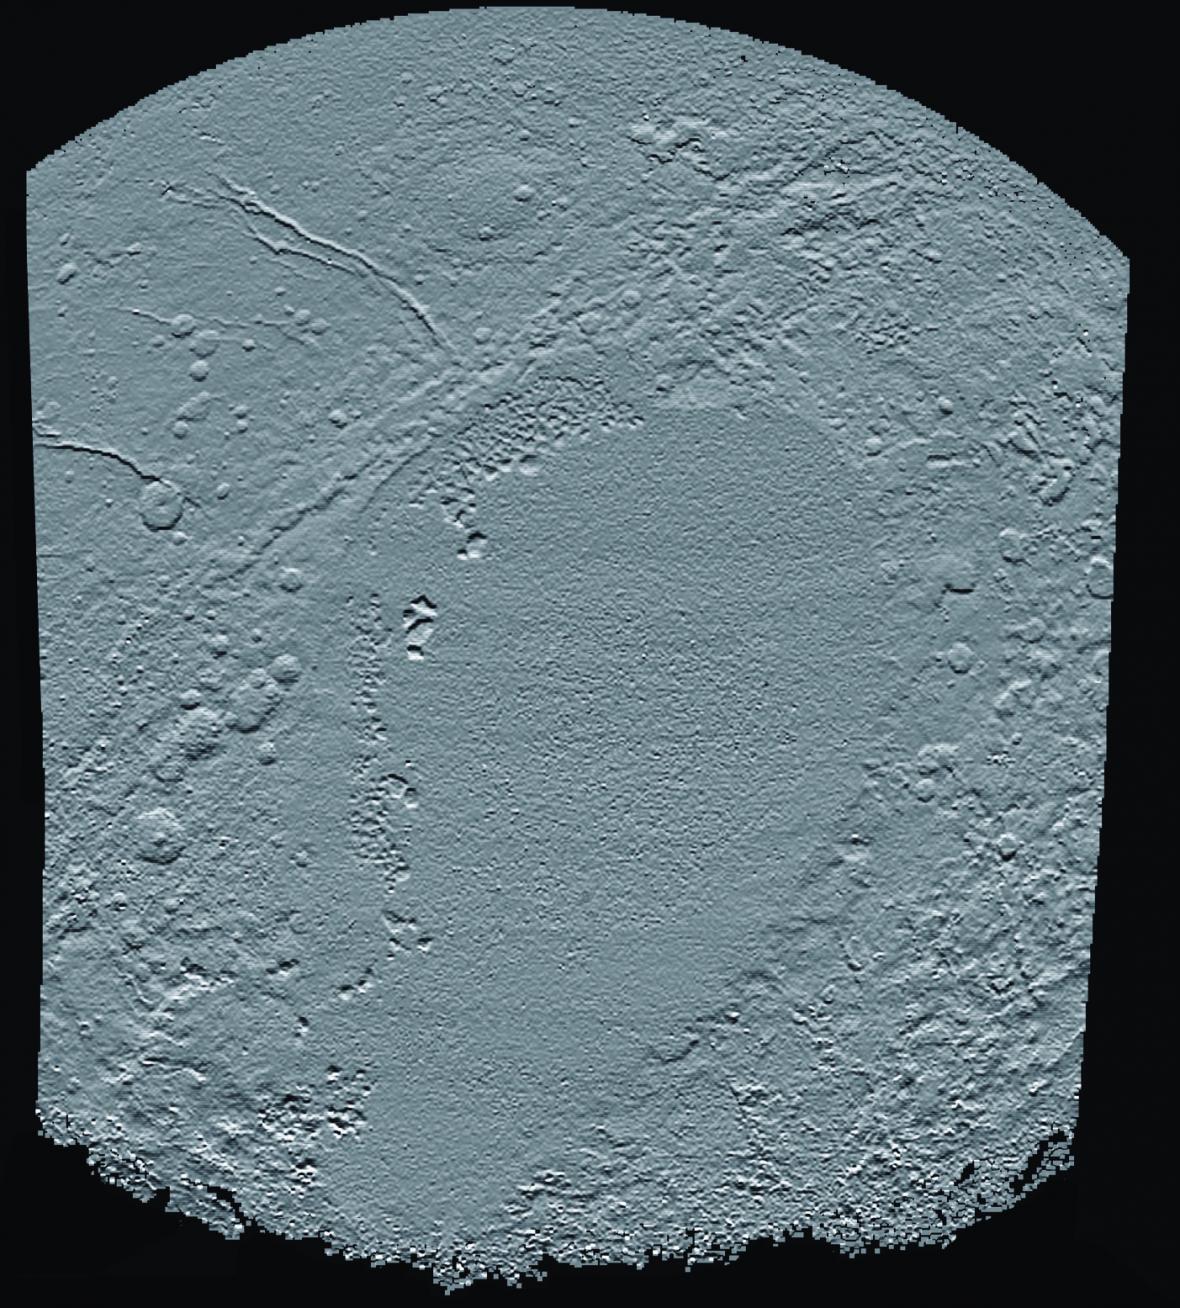 Fotografie ukazující výškový reliéf oblasti nazývané Sunken Heart na Plutu